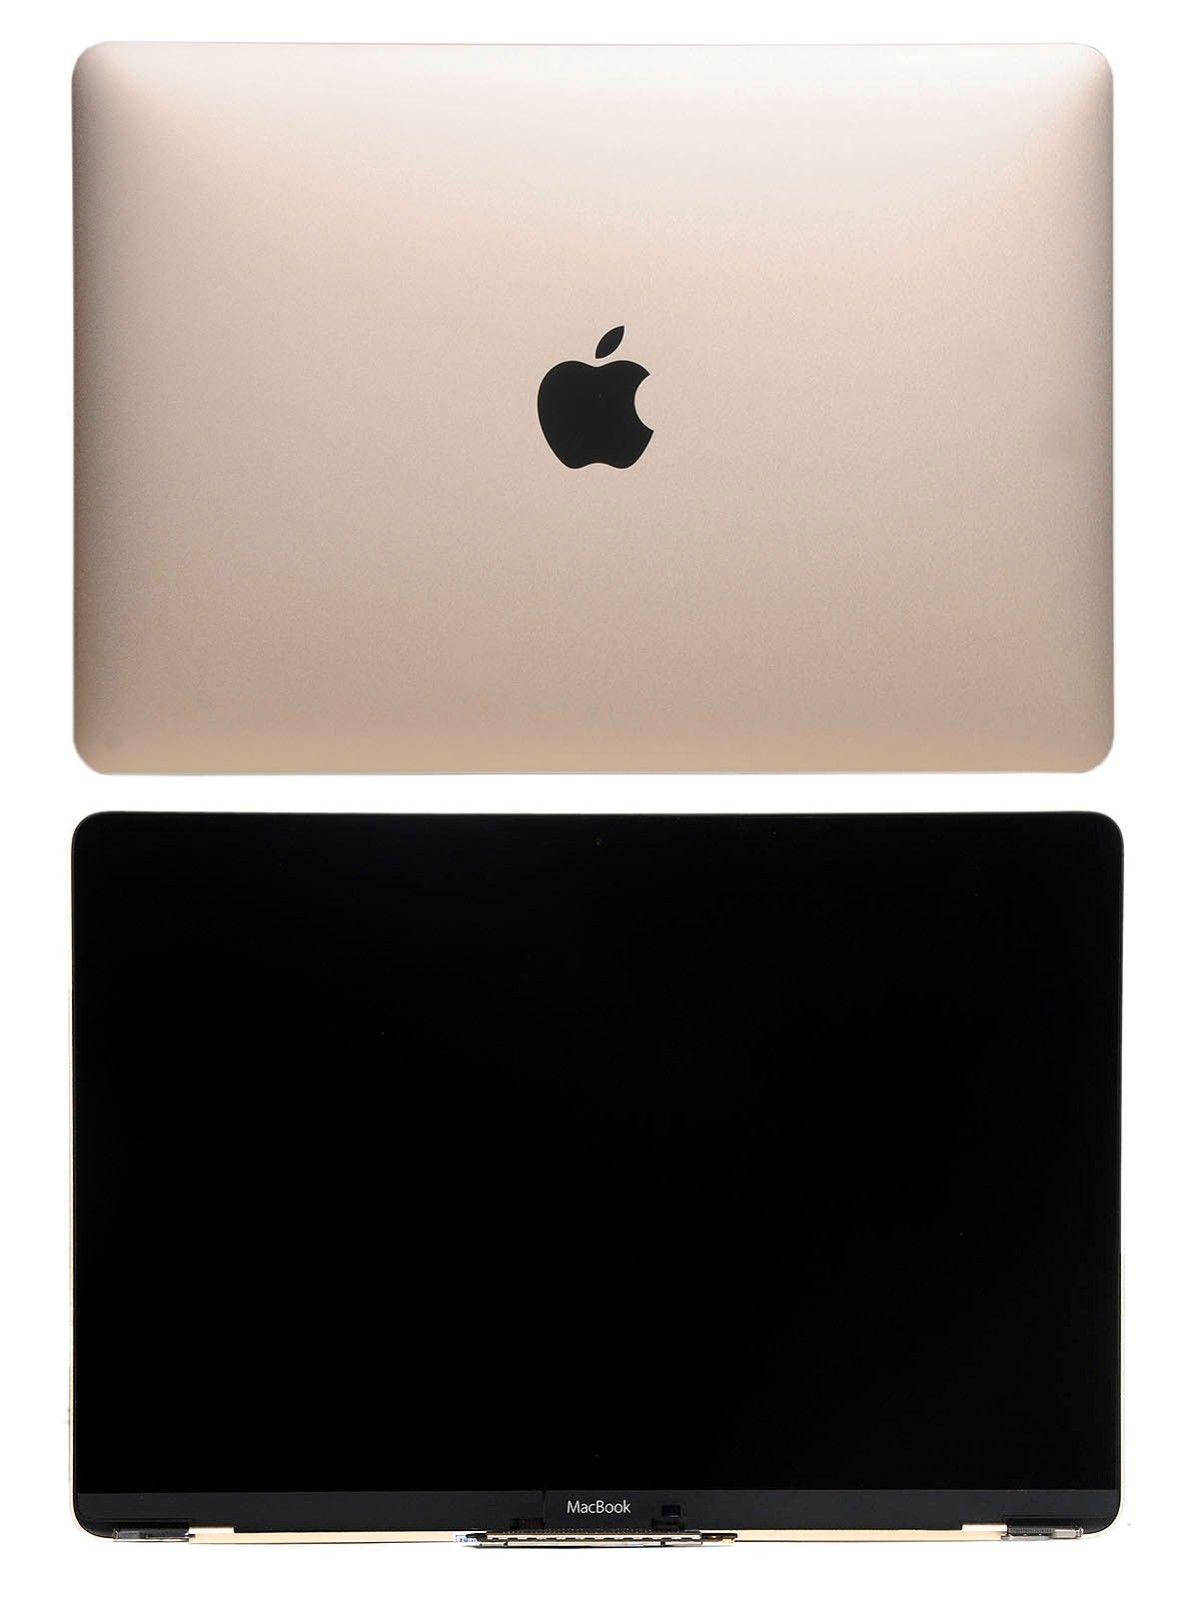 Cụm màn hình retina New macbook 12 inch A1534 2015 2016 đủ các màu